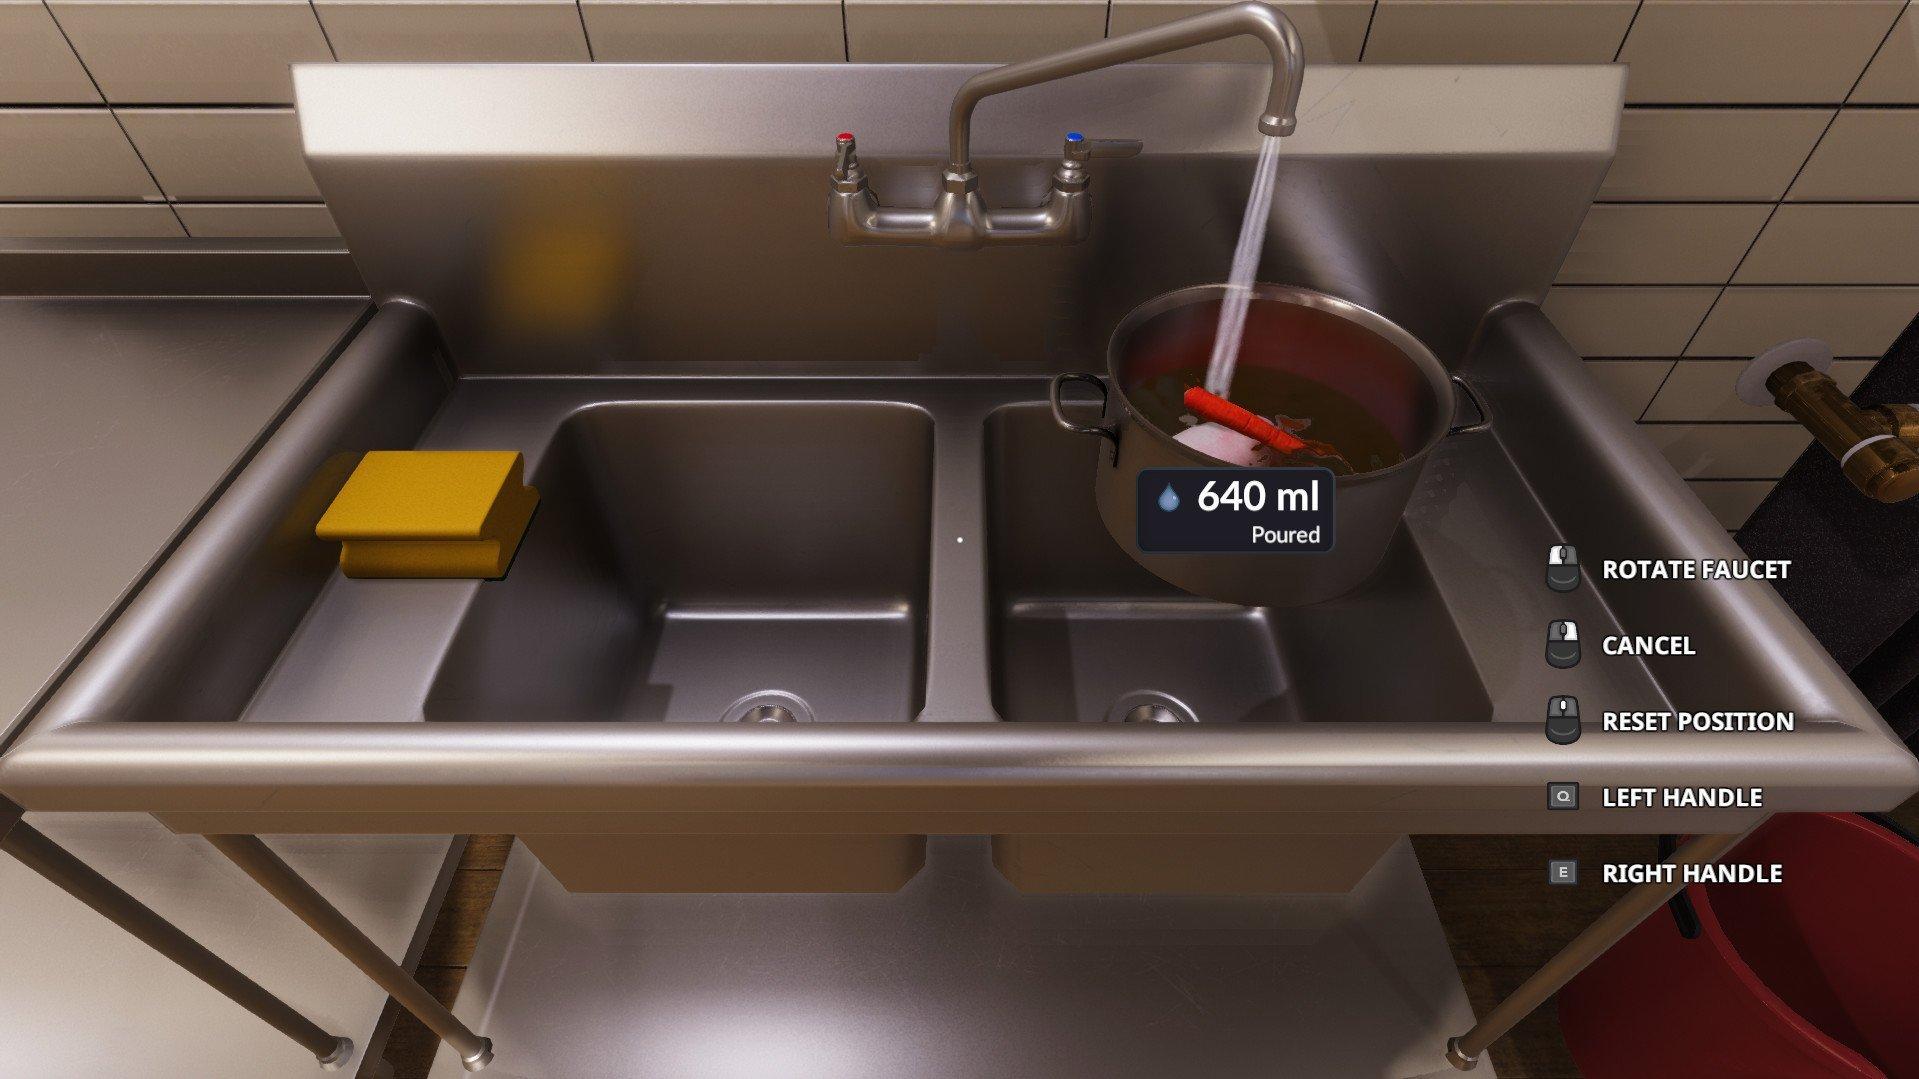 Скриншот к игре Cooking Simulator v.2.6.2 [GOG] (2019) скачать торрент Лицензия